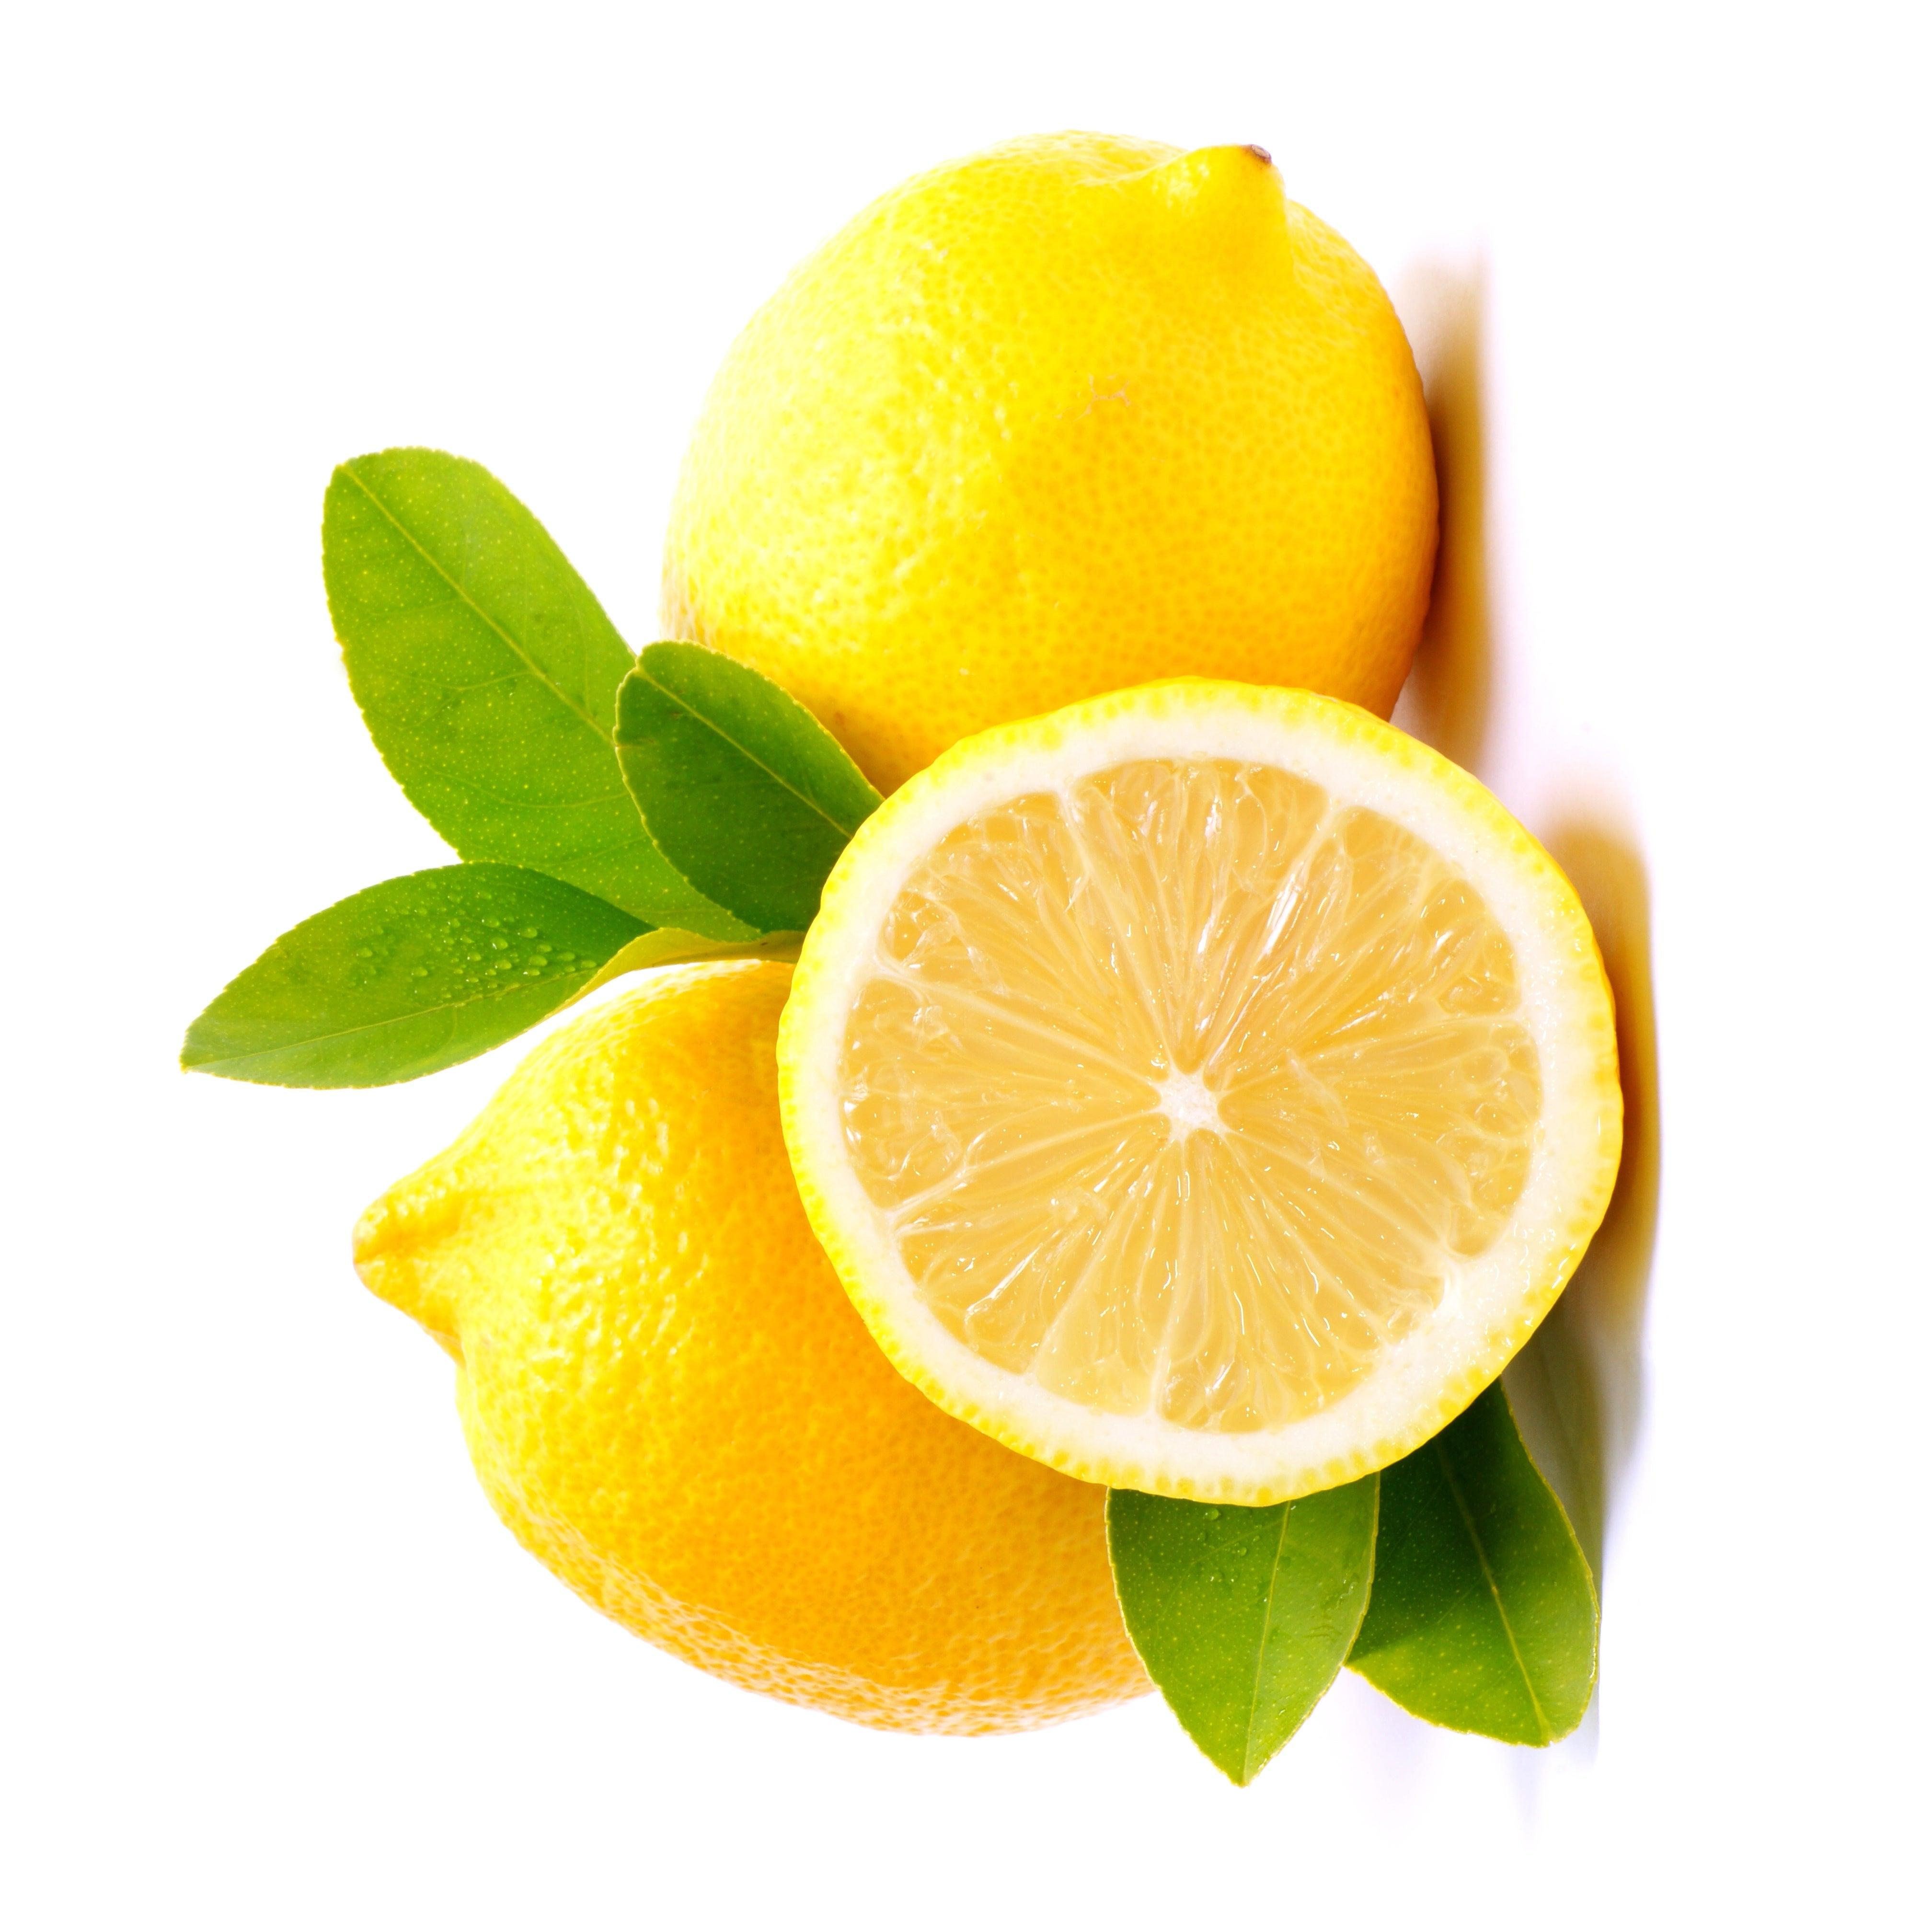 Vitaminas ao consumir limão com casca